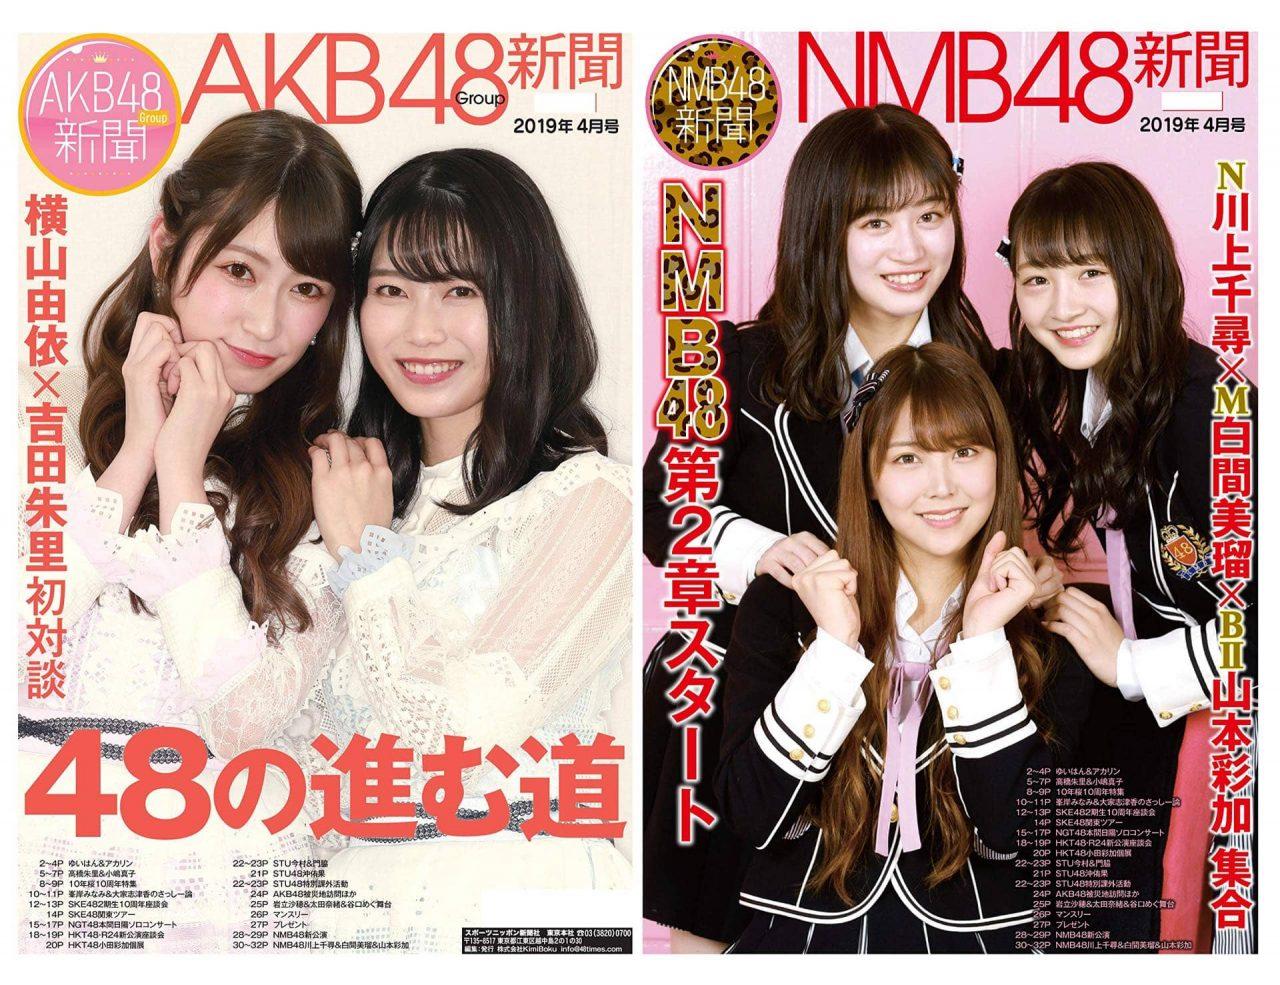 「AKB48Group新聞 2019年4月号」W表紙:AKB48 横山由依×NMB48 吉田朱里 / NMB48 川上千尋×白間美瑠×山本彩加 [3/22発売]